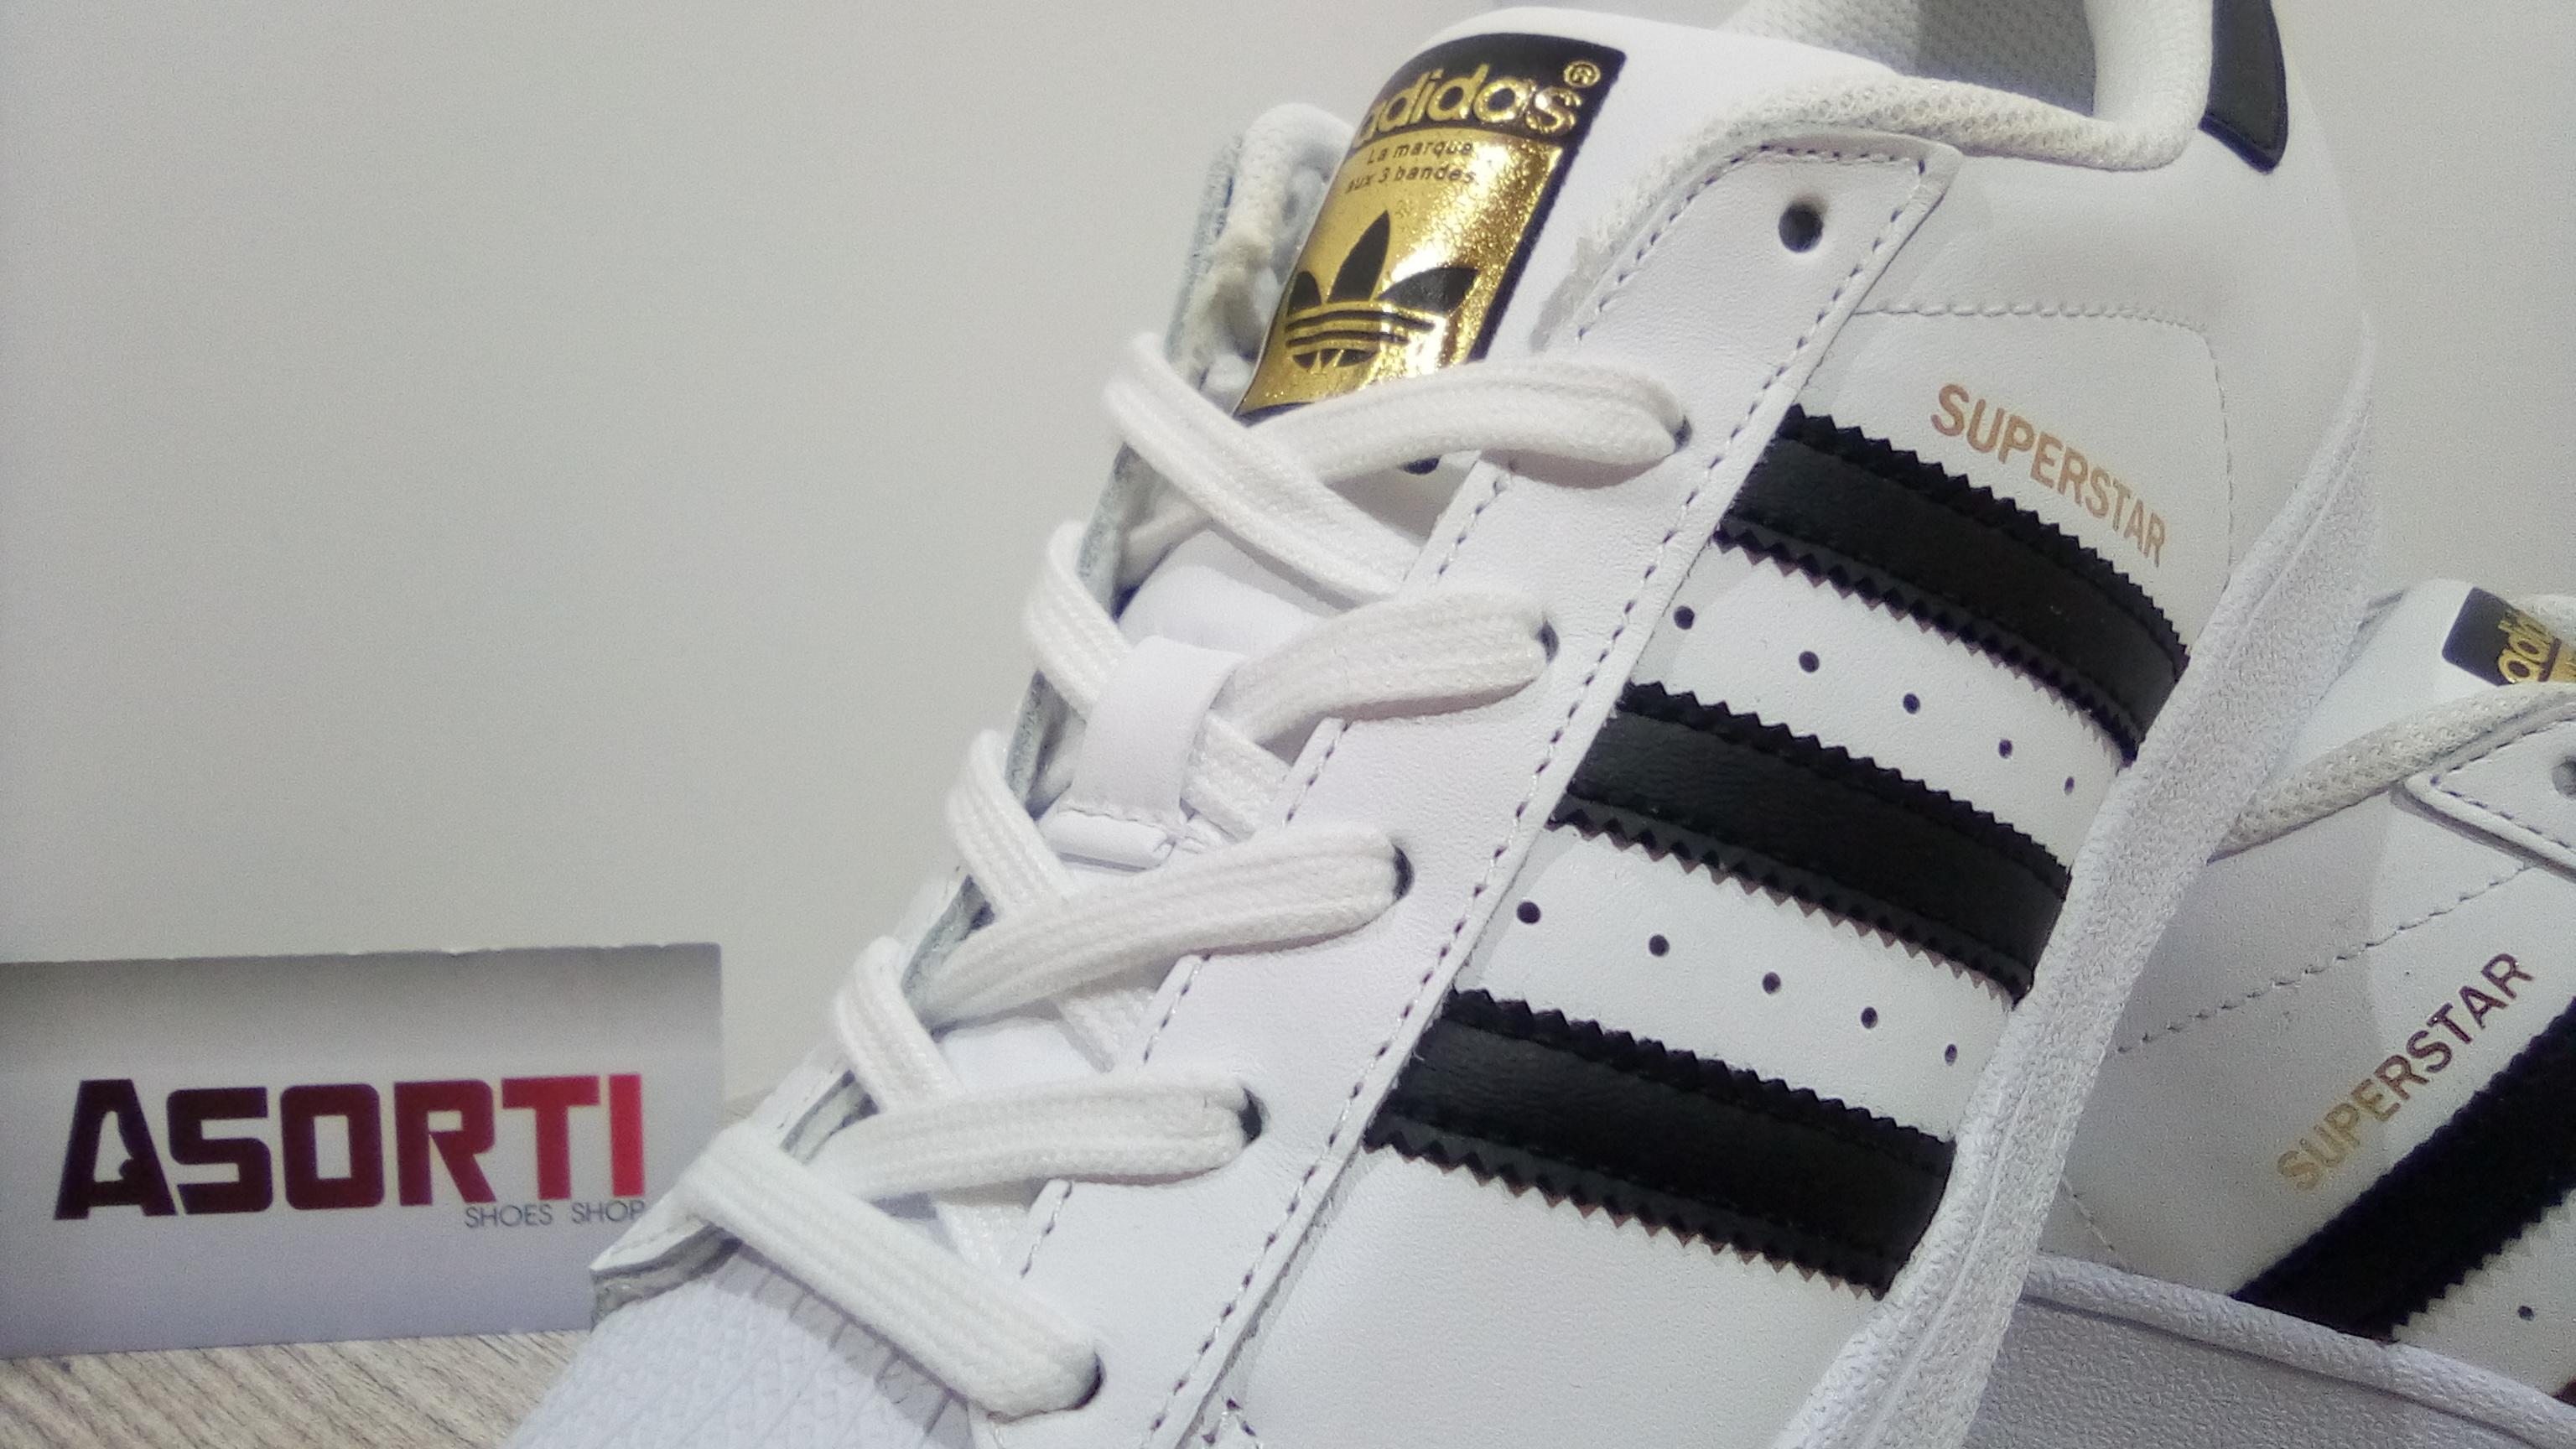 8b2e02eaece019 Жіночі кросівки Adidas Originals Superstar білі (C77154) купити в ...